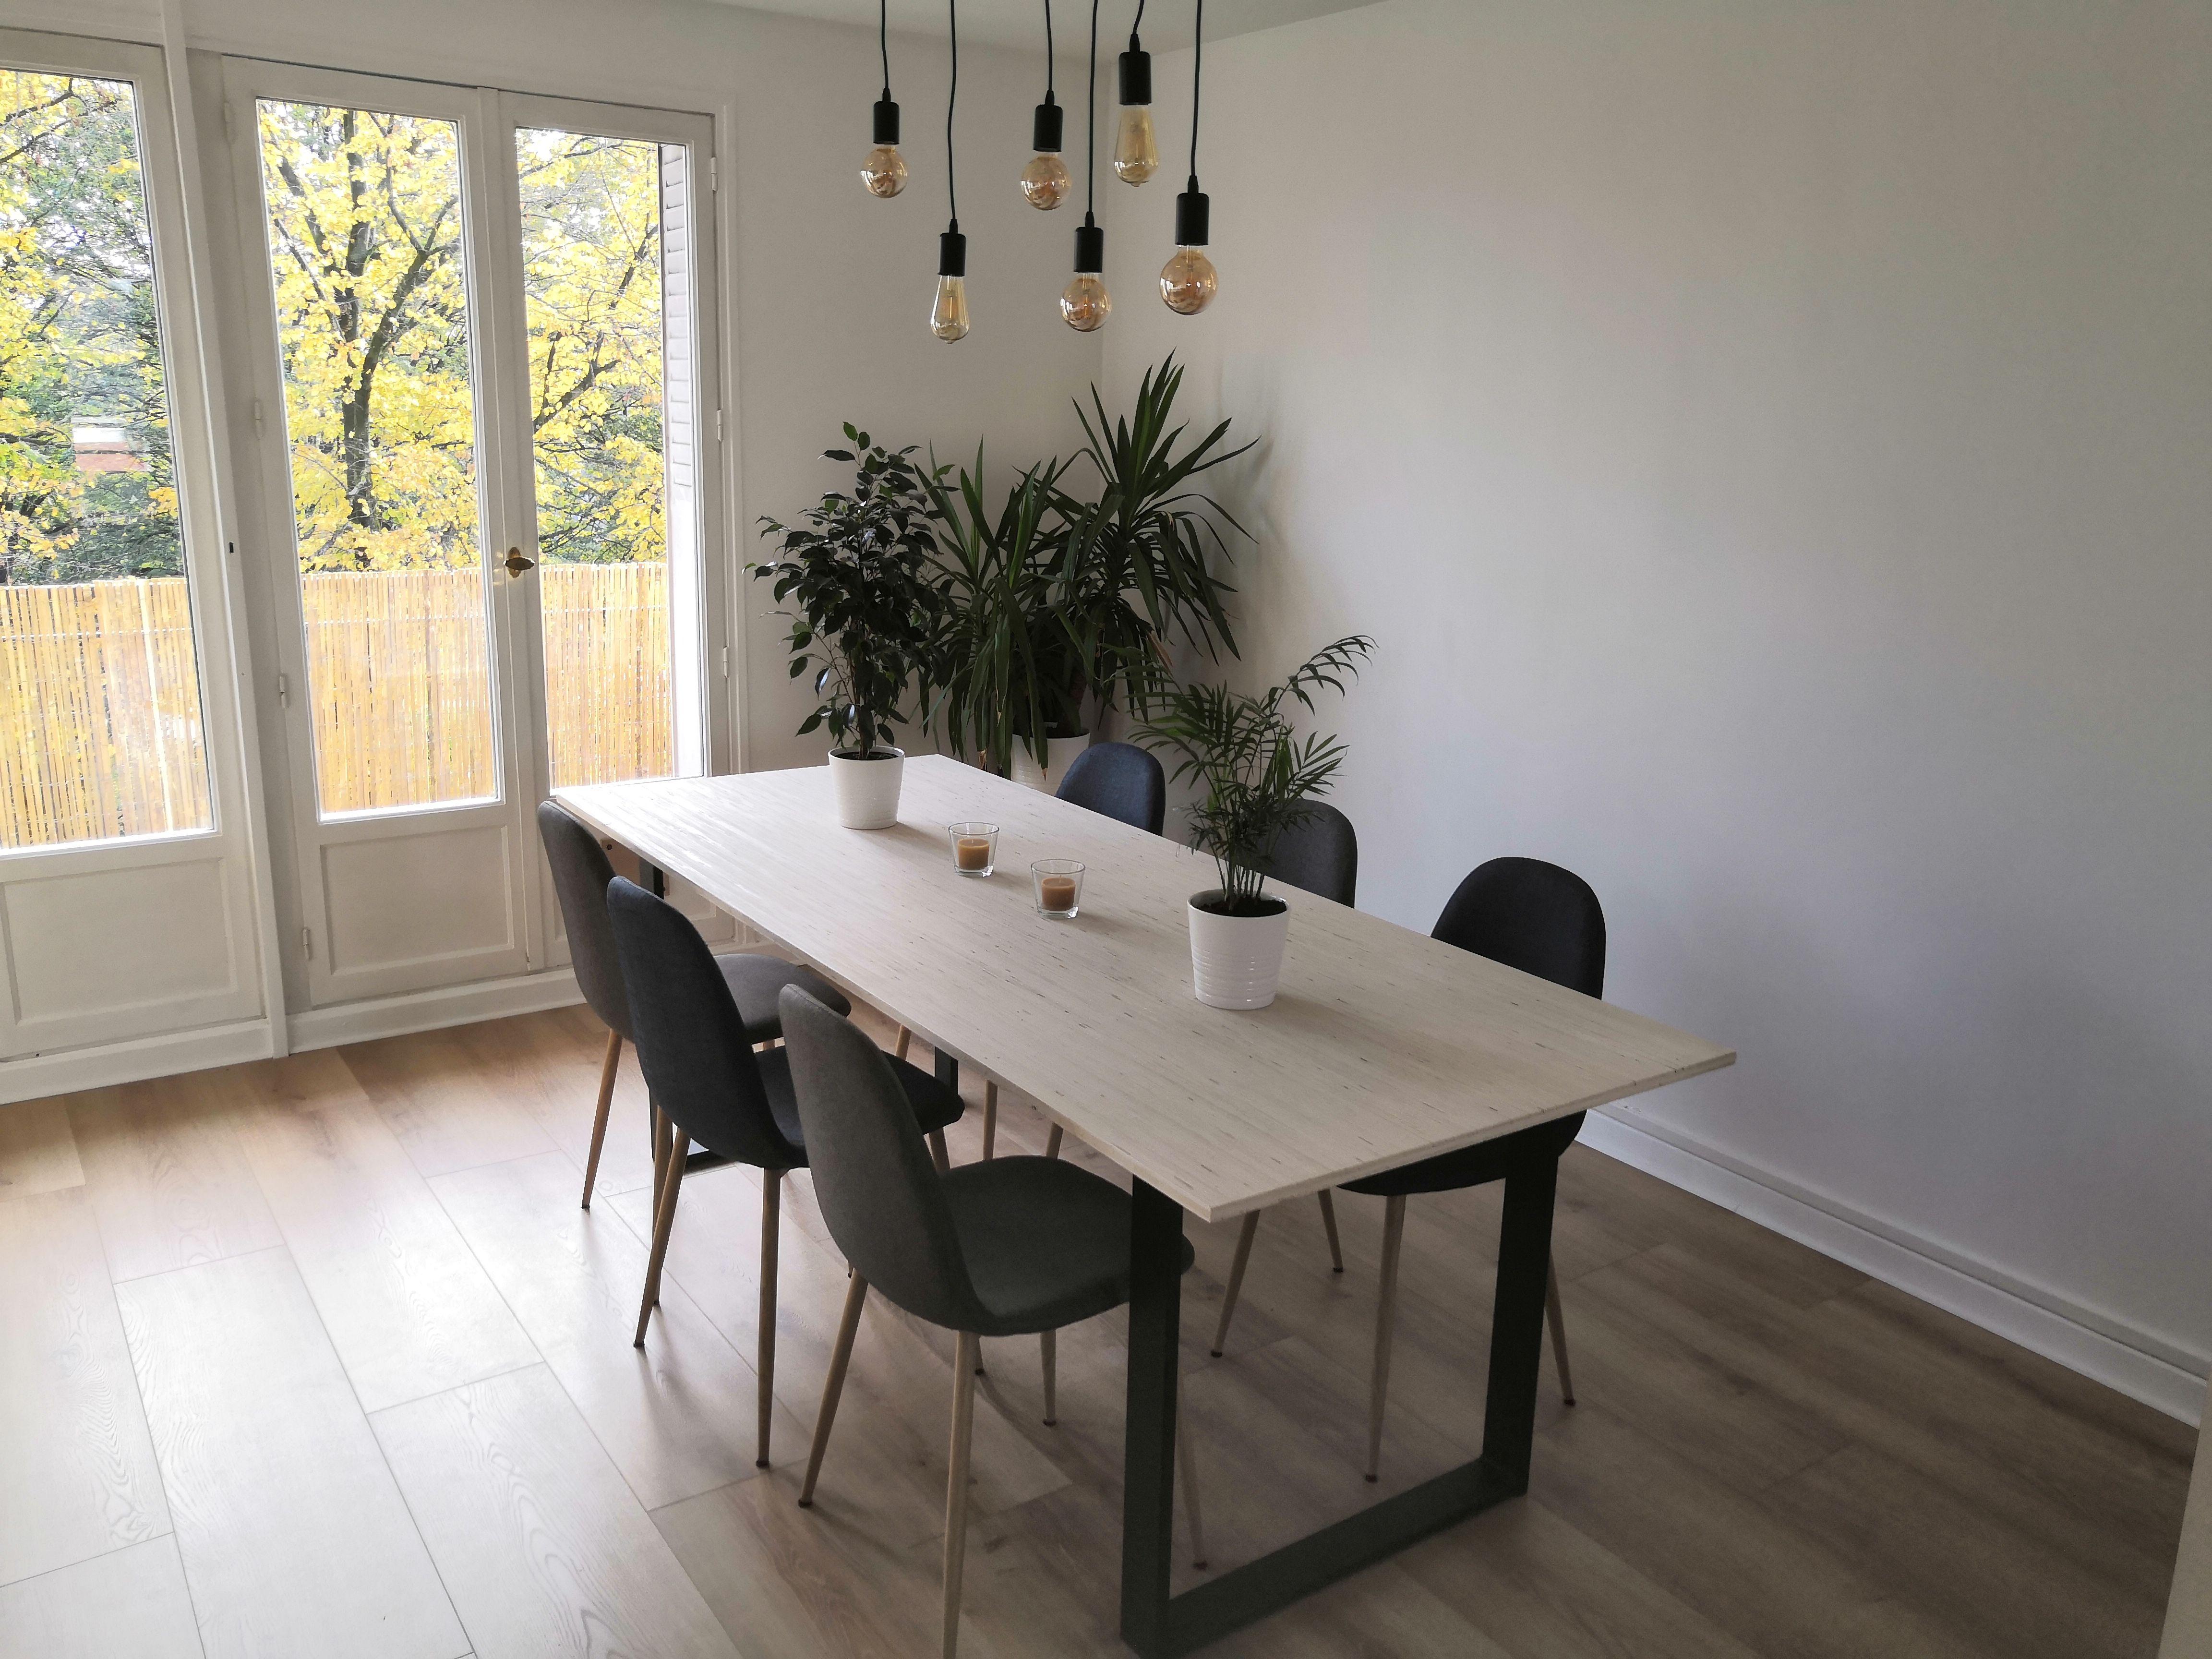 table a manger sur mesure avec plateau en bois table salle a manger table a manger sur mesure table bois massif